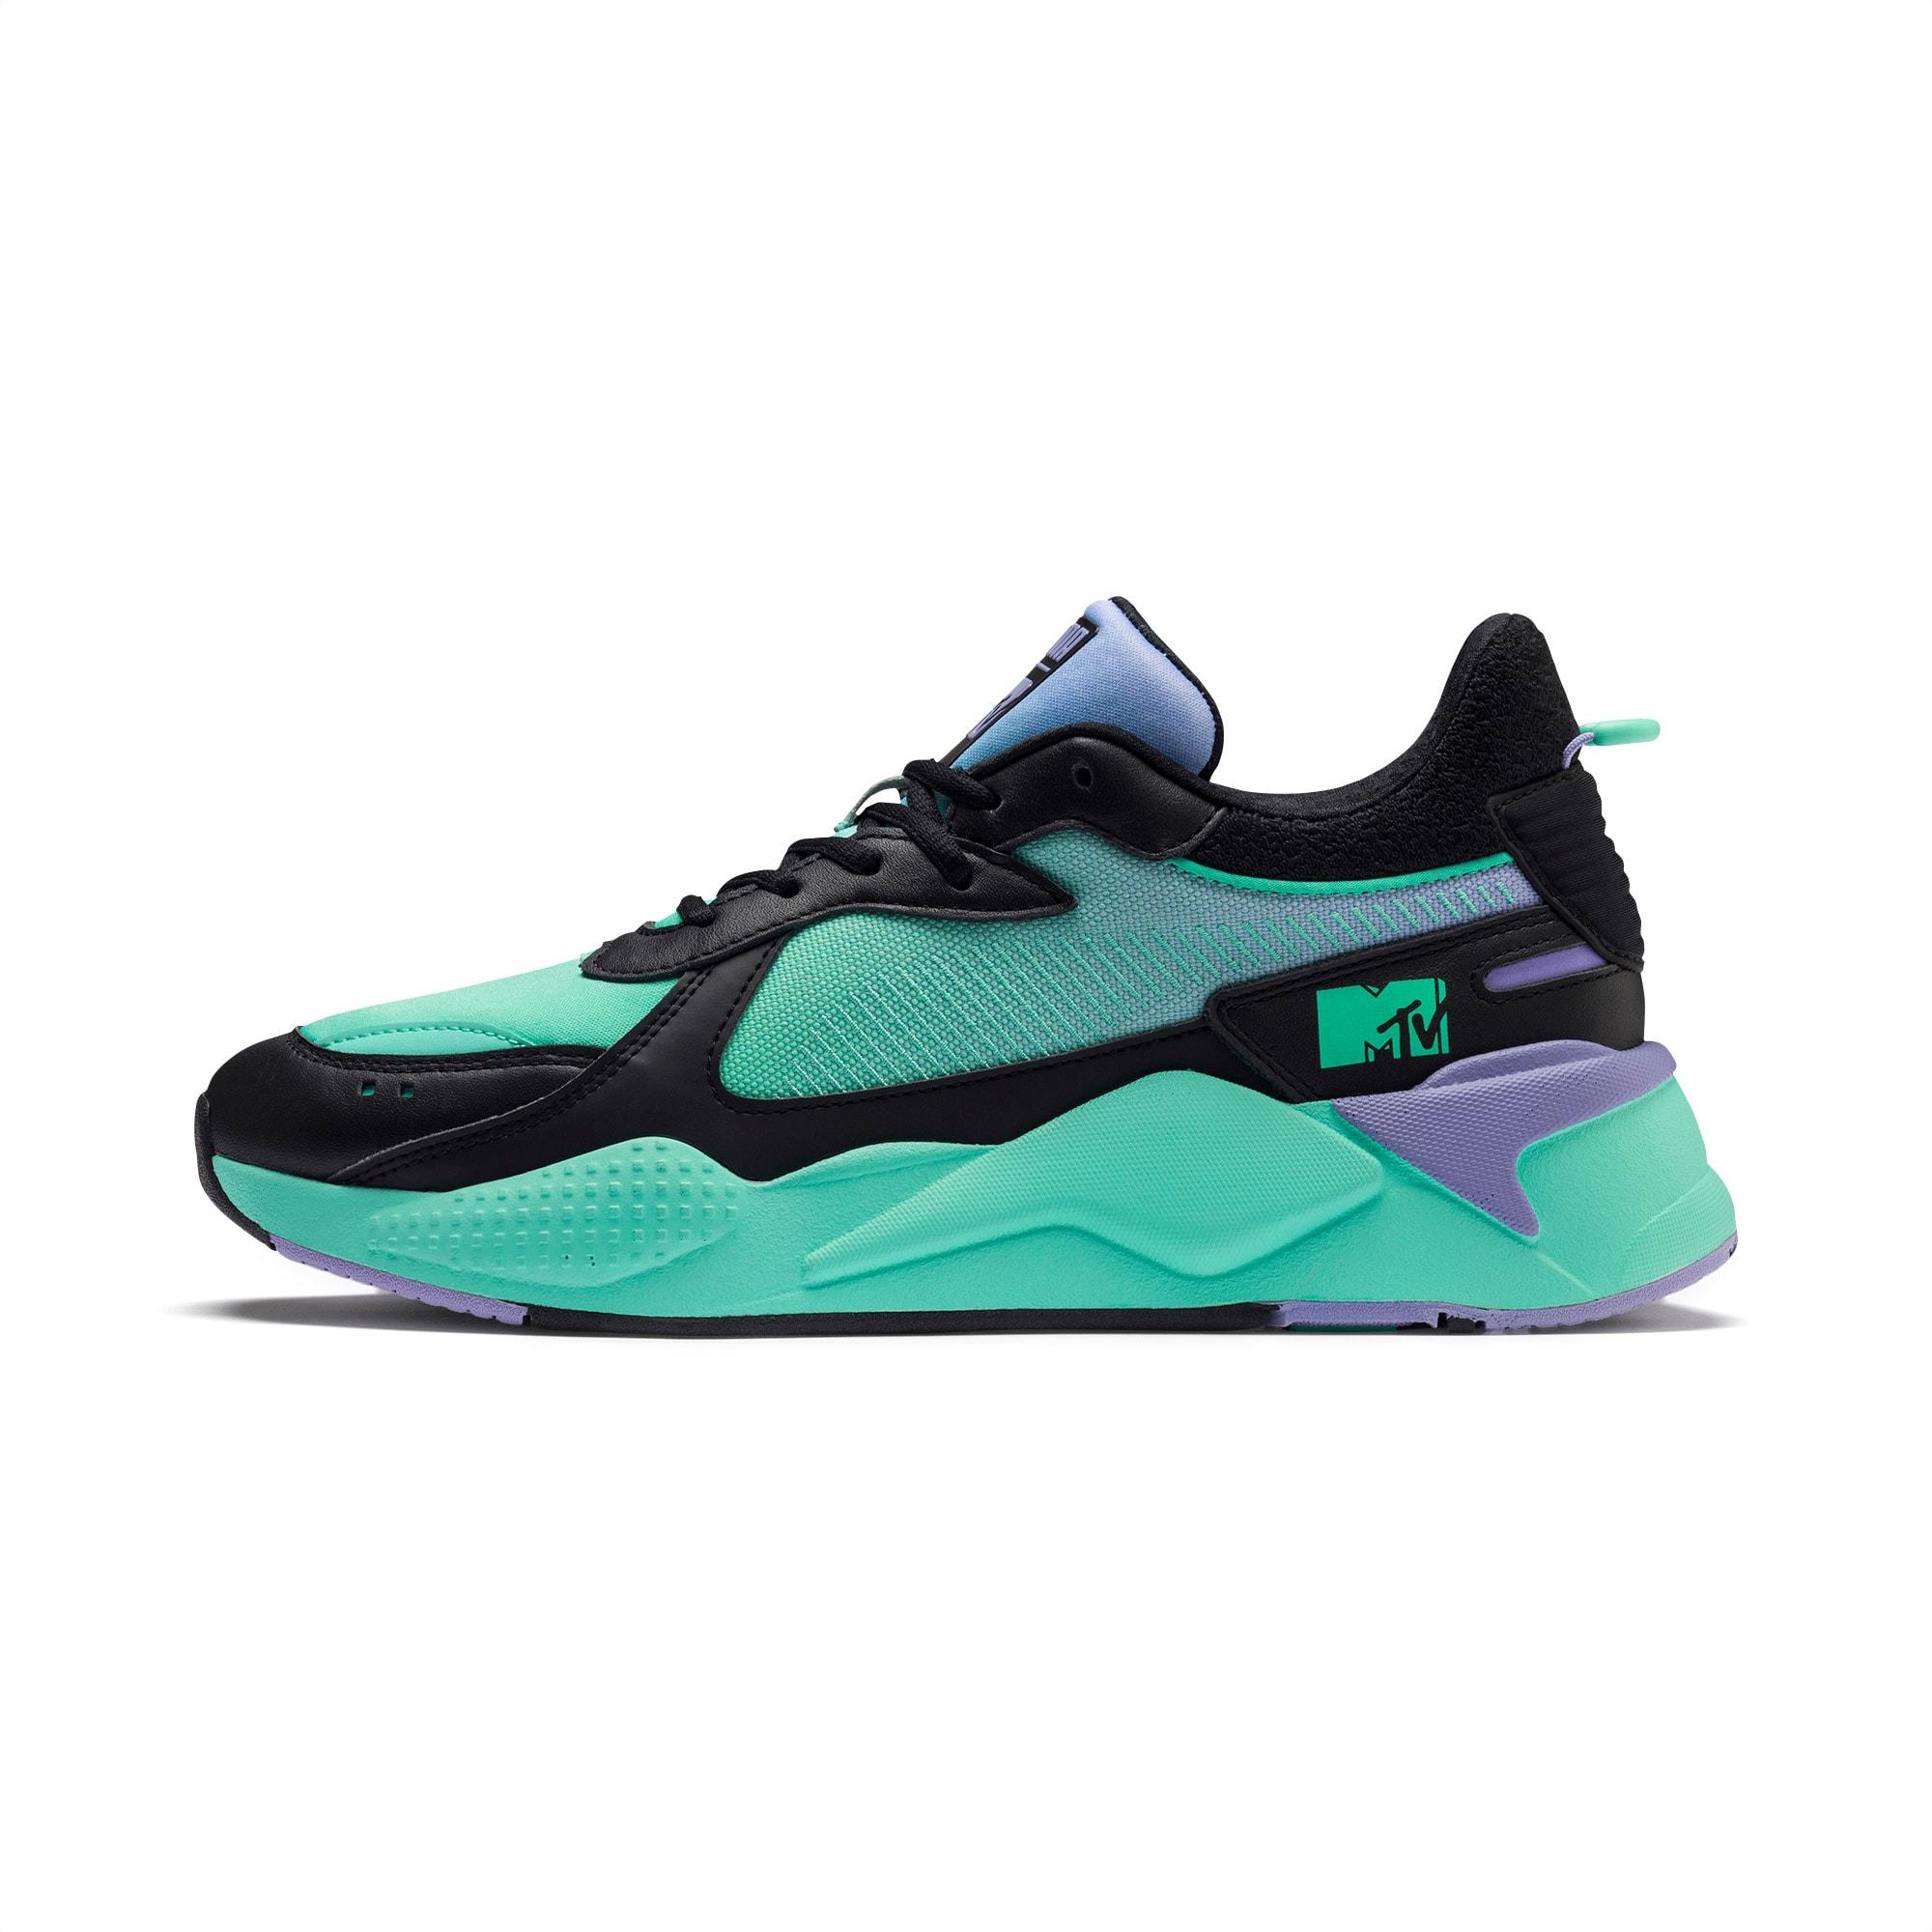 RS-X Tracks MTV Gradient Gloom Sneakers